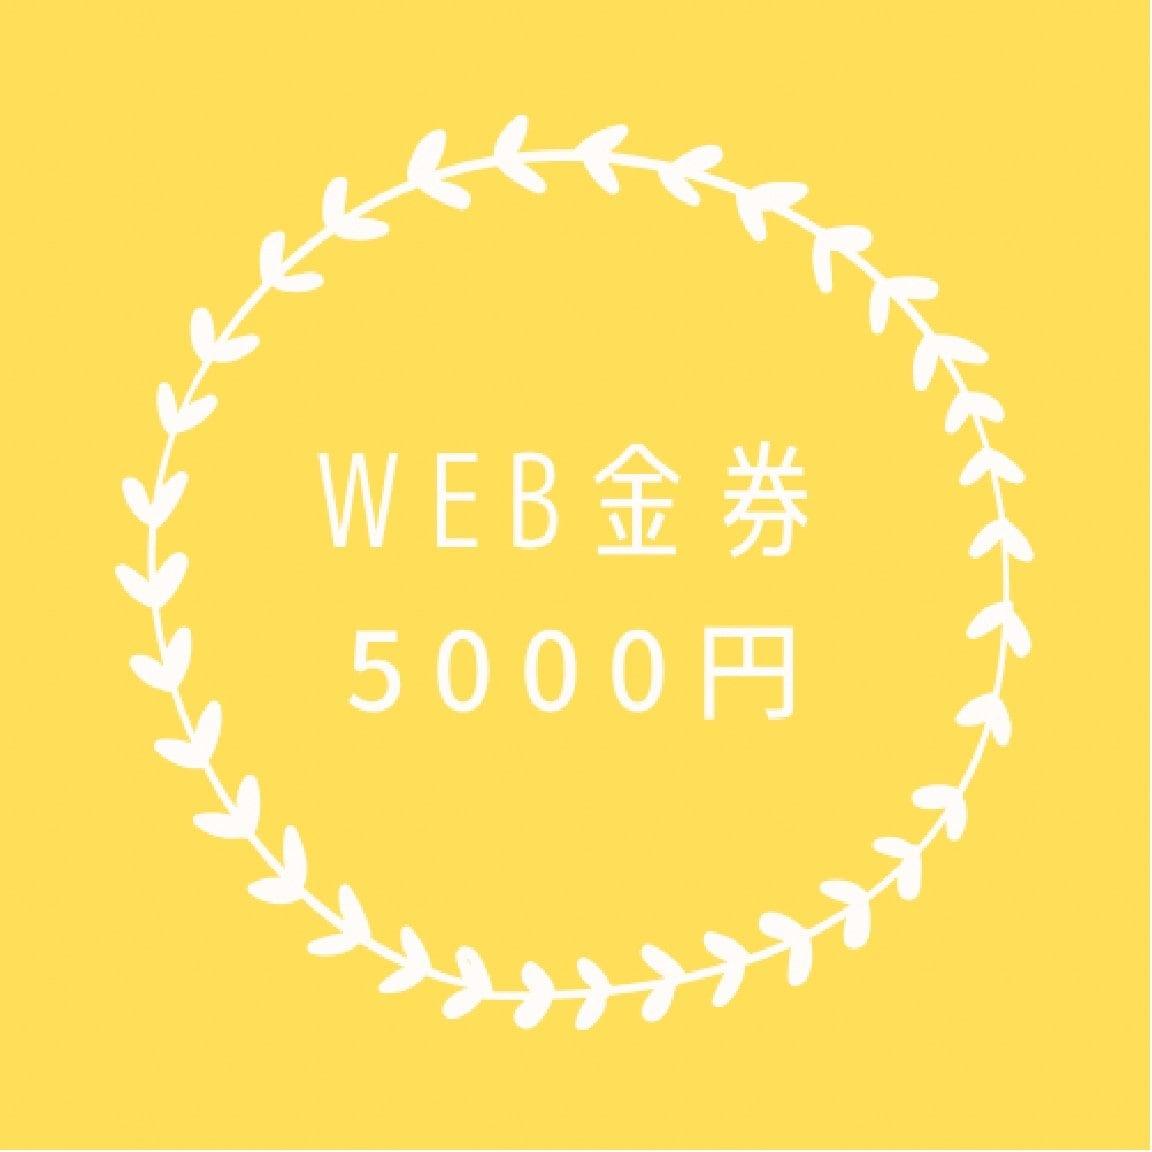 【レトロ居酒屋219専用】WEB用5000円金券 ※5500円分 ※ポイント165㌽付与のイメージその1